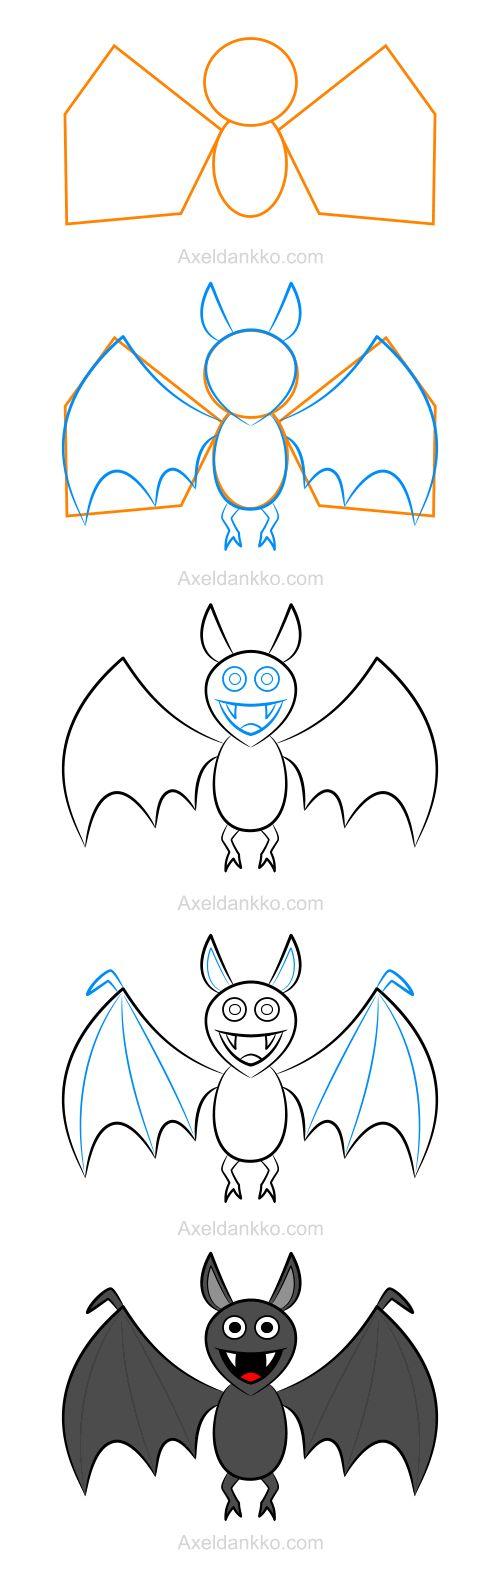 25 best ideas about comment dessiner une souris on - Dessiner une souris ...